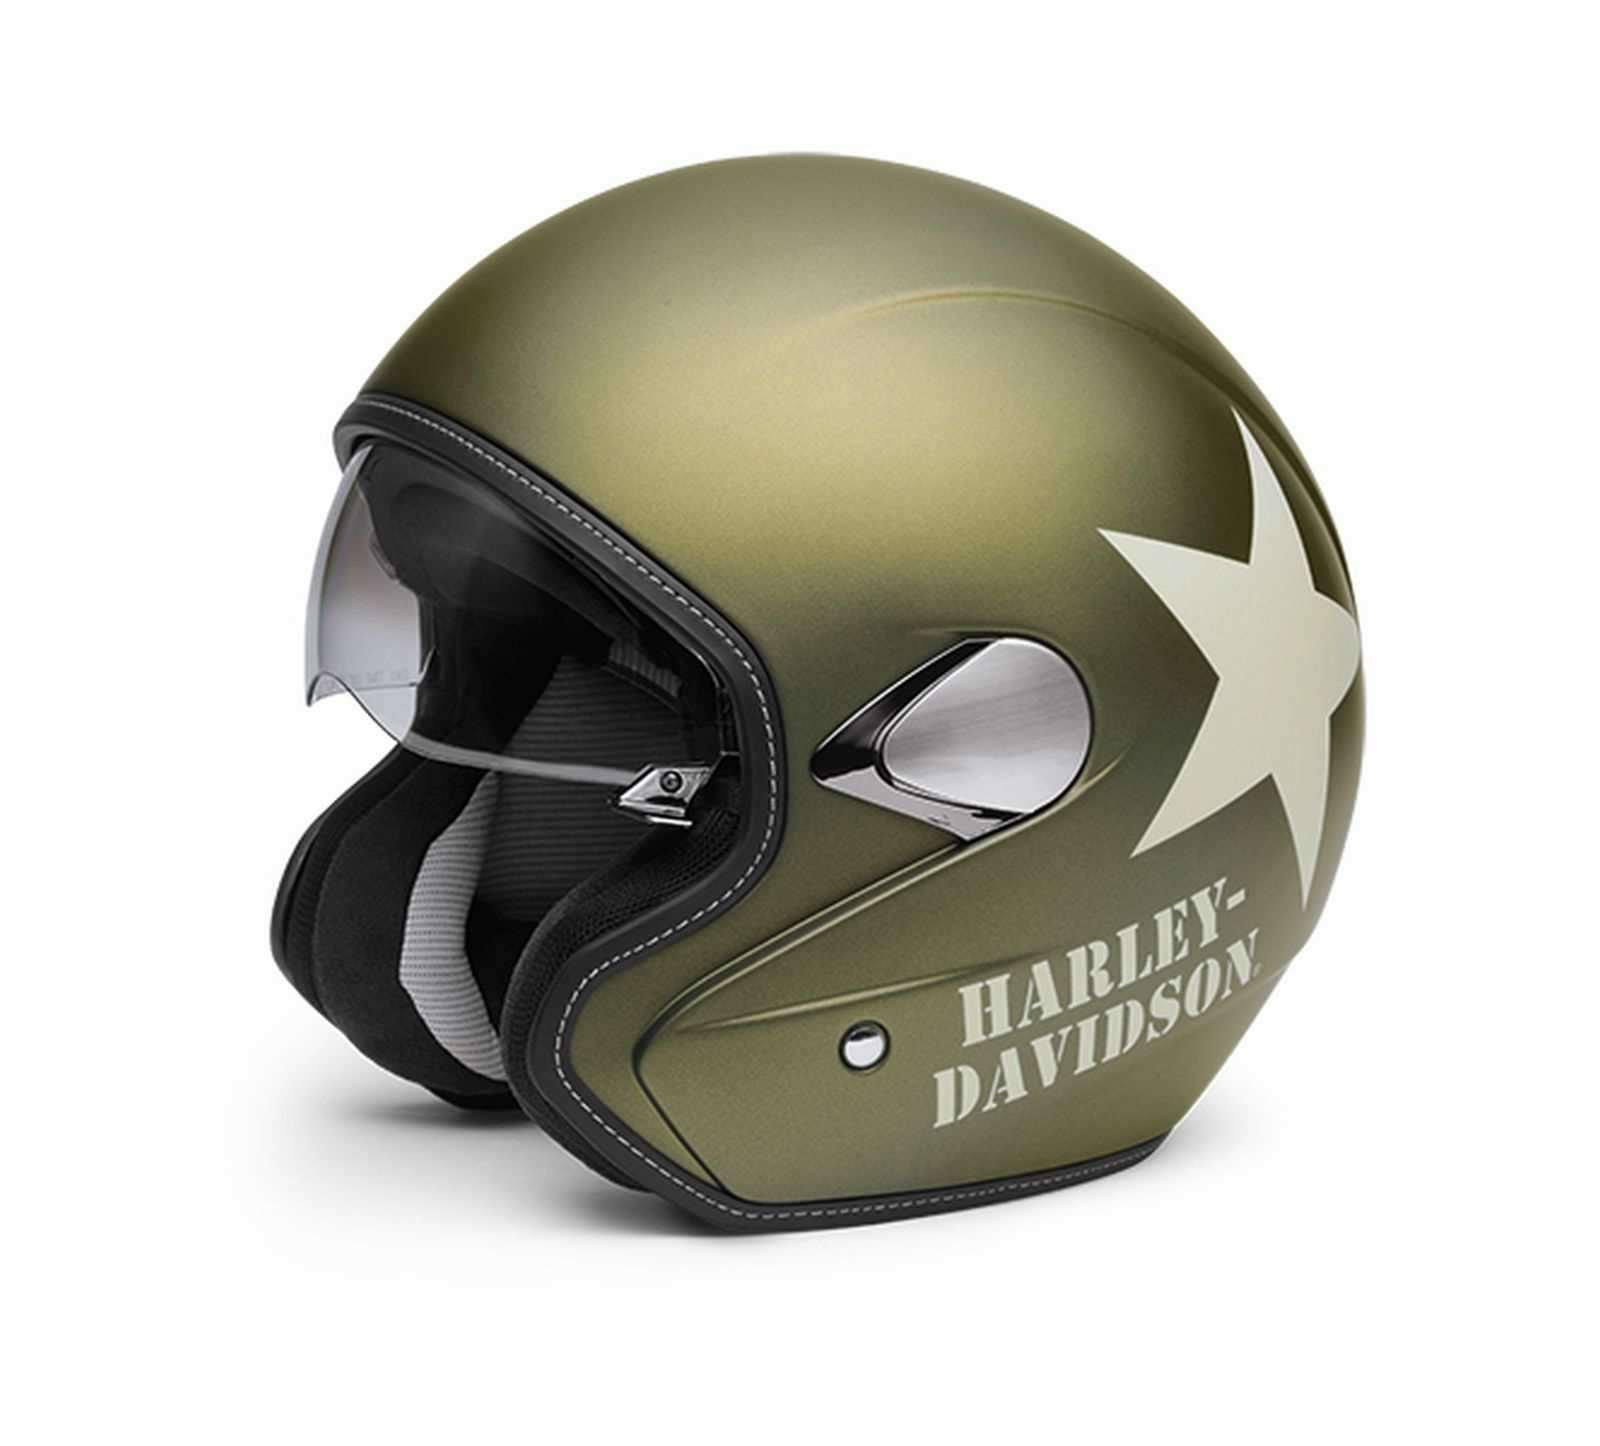 harley davidson military retro 3 4 helmet olive gold large ebay. Black Bedroom Furniture Sets. Home Design Ideas